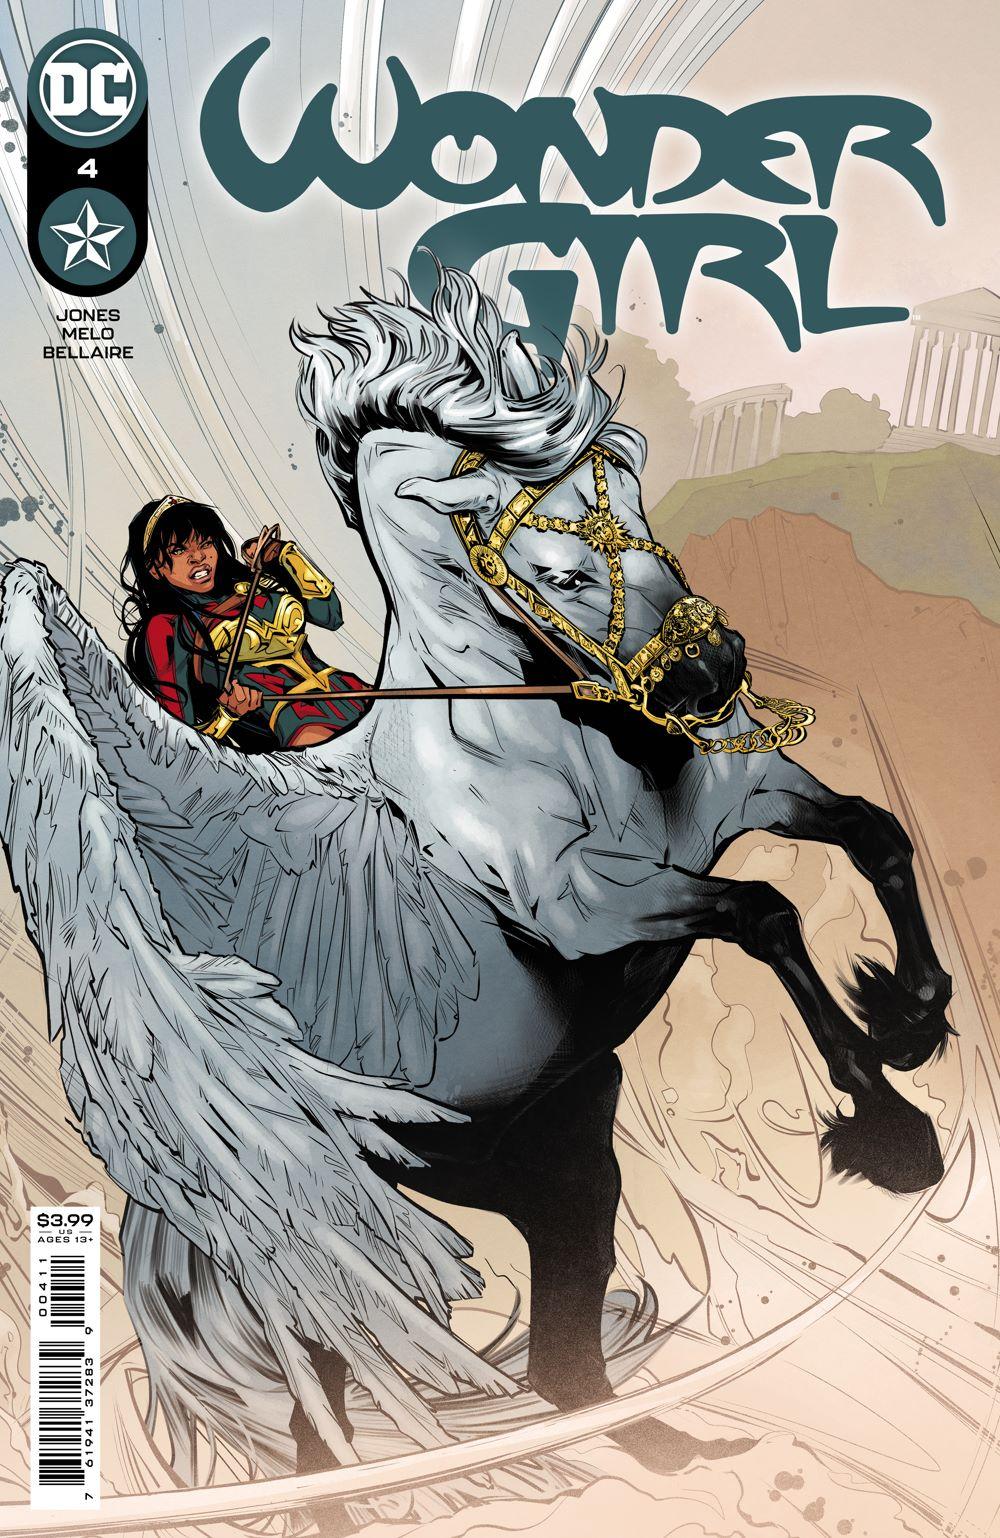 WG_Cv4 DC Comics August 2021 Solicitations